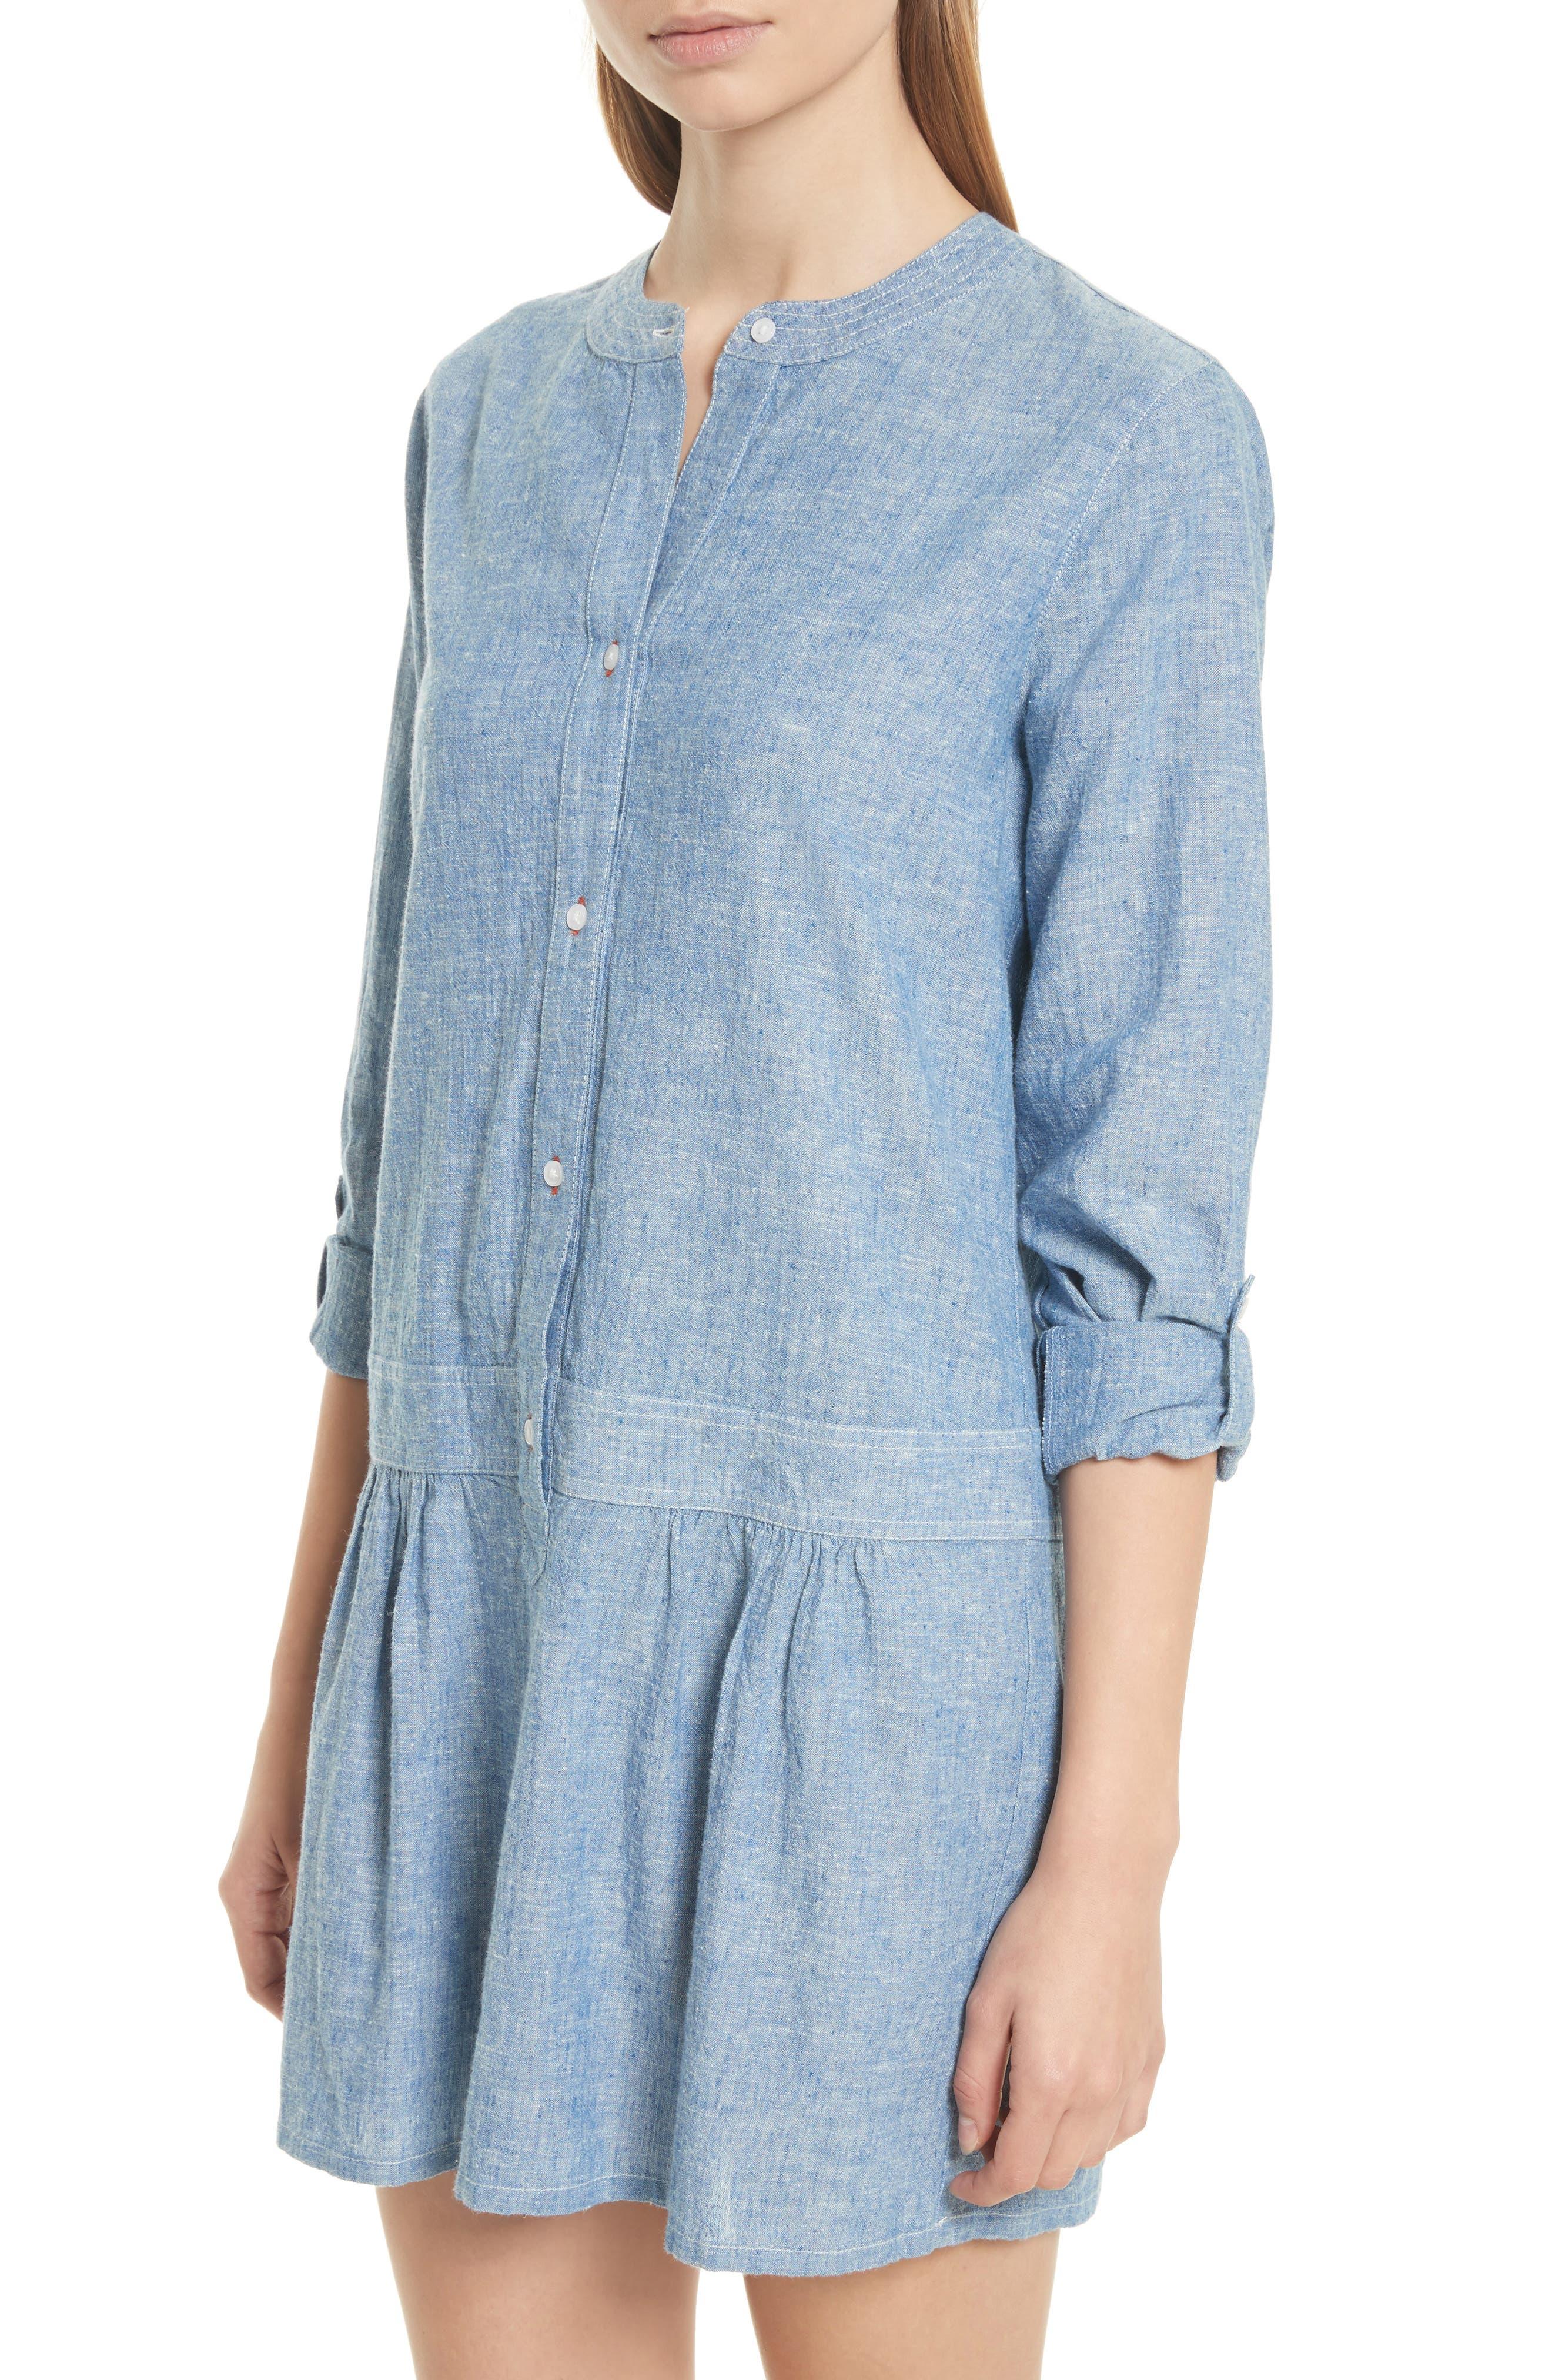 Alternate Image 3  - Soft Joie Amiri Chambray Shirtdress